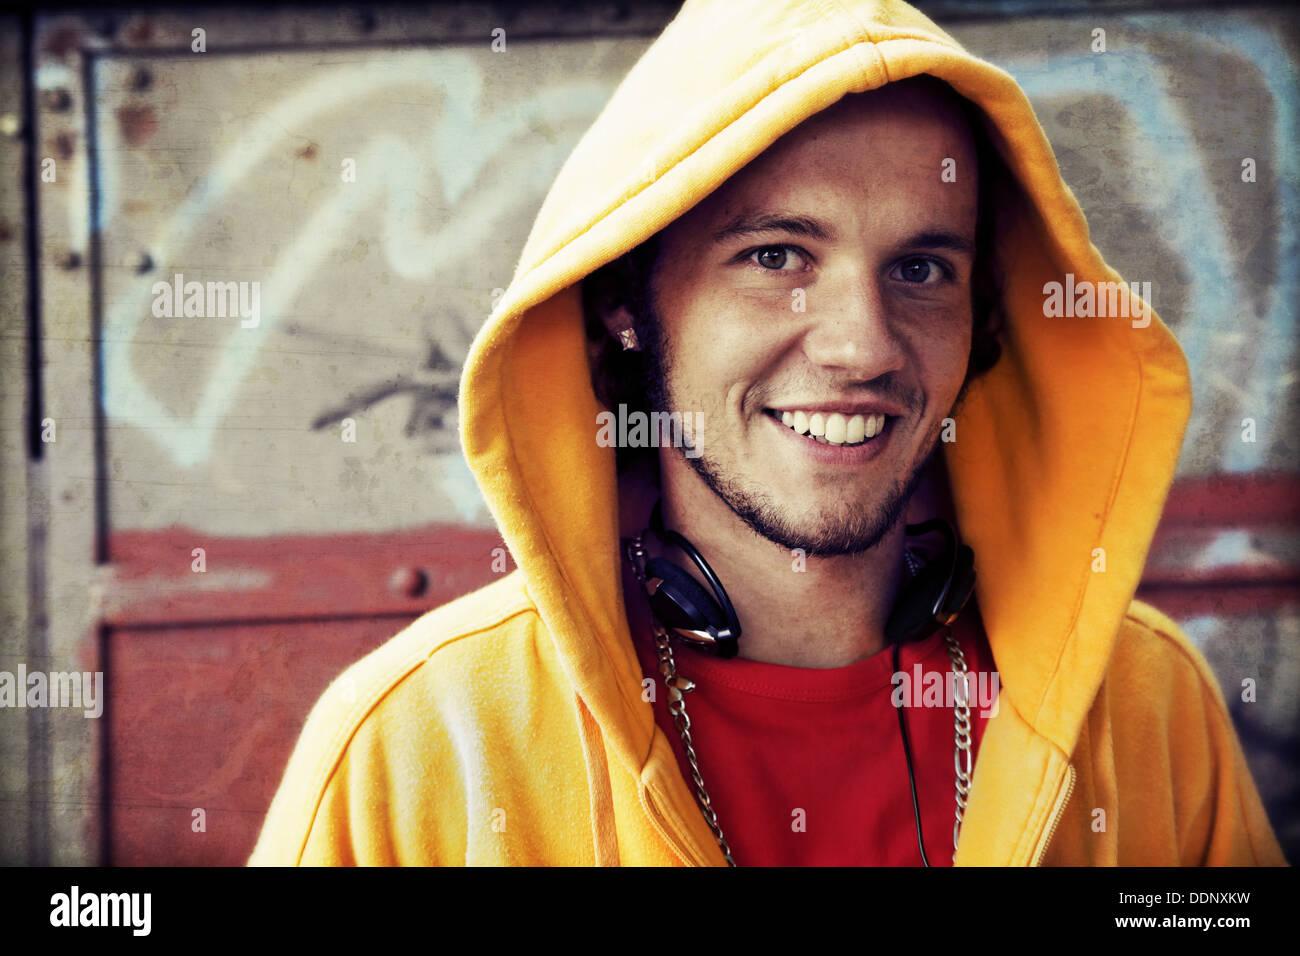 Teen / Giovane uomo ritratto in felpa con cappuccio / ponticello su grunge muro di graffiti Immagini Stock